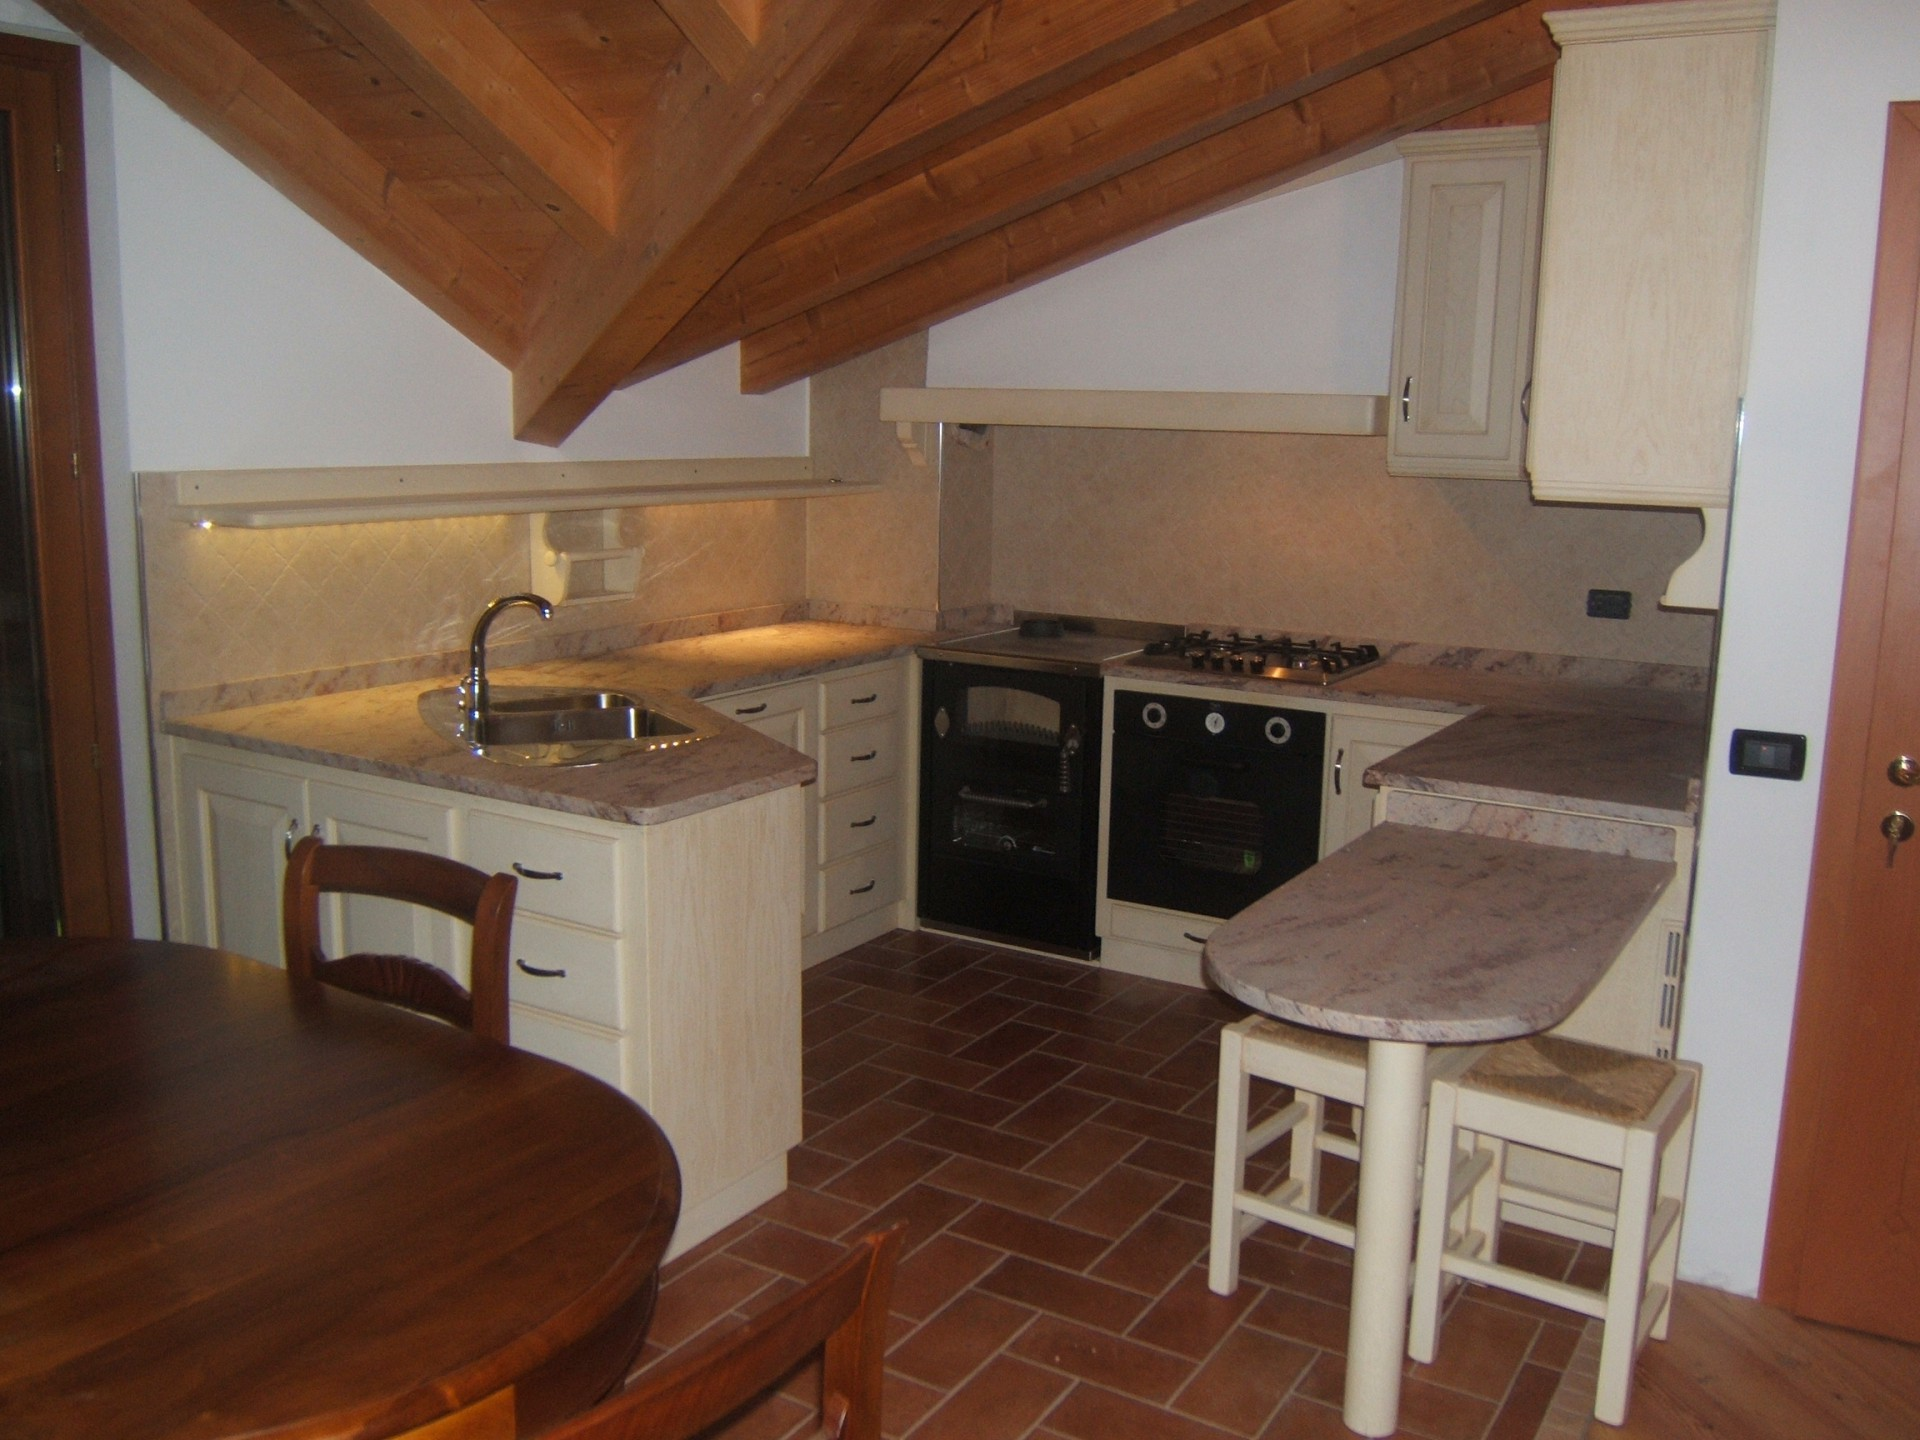 Cucina rustica in legno naturale design Savona